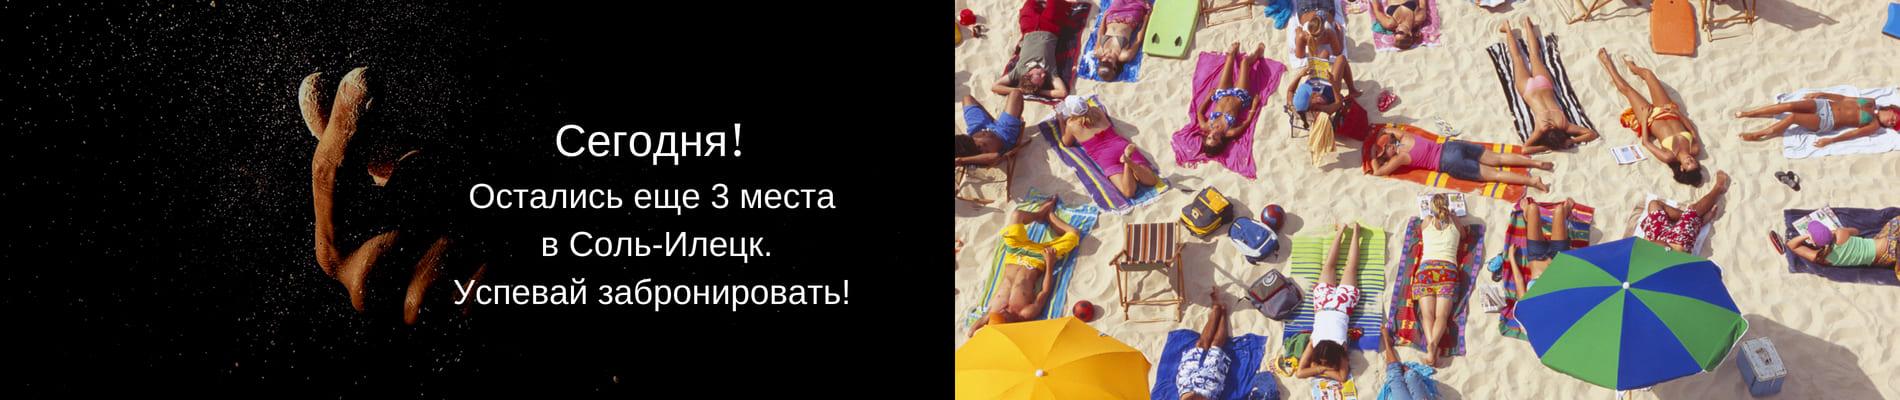 Горящий тур в Соль-Илецк (1) (1)